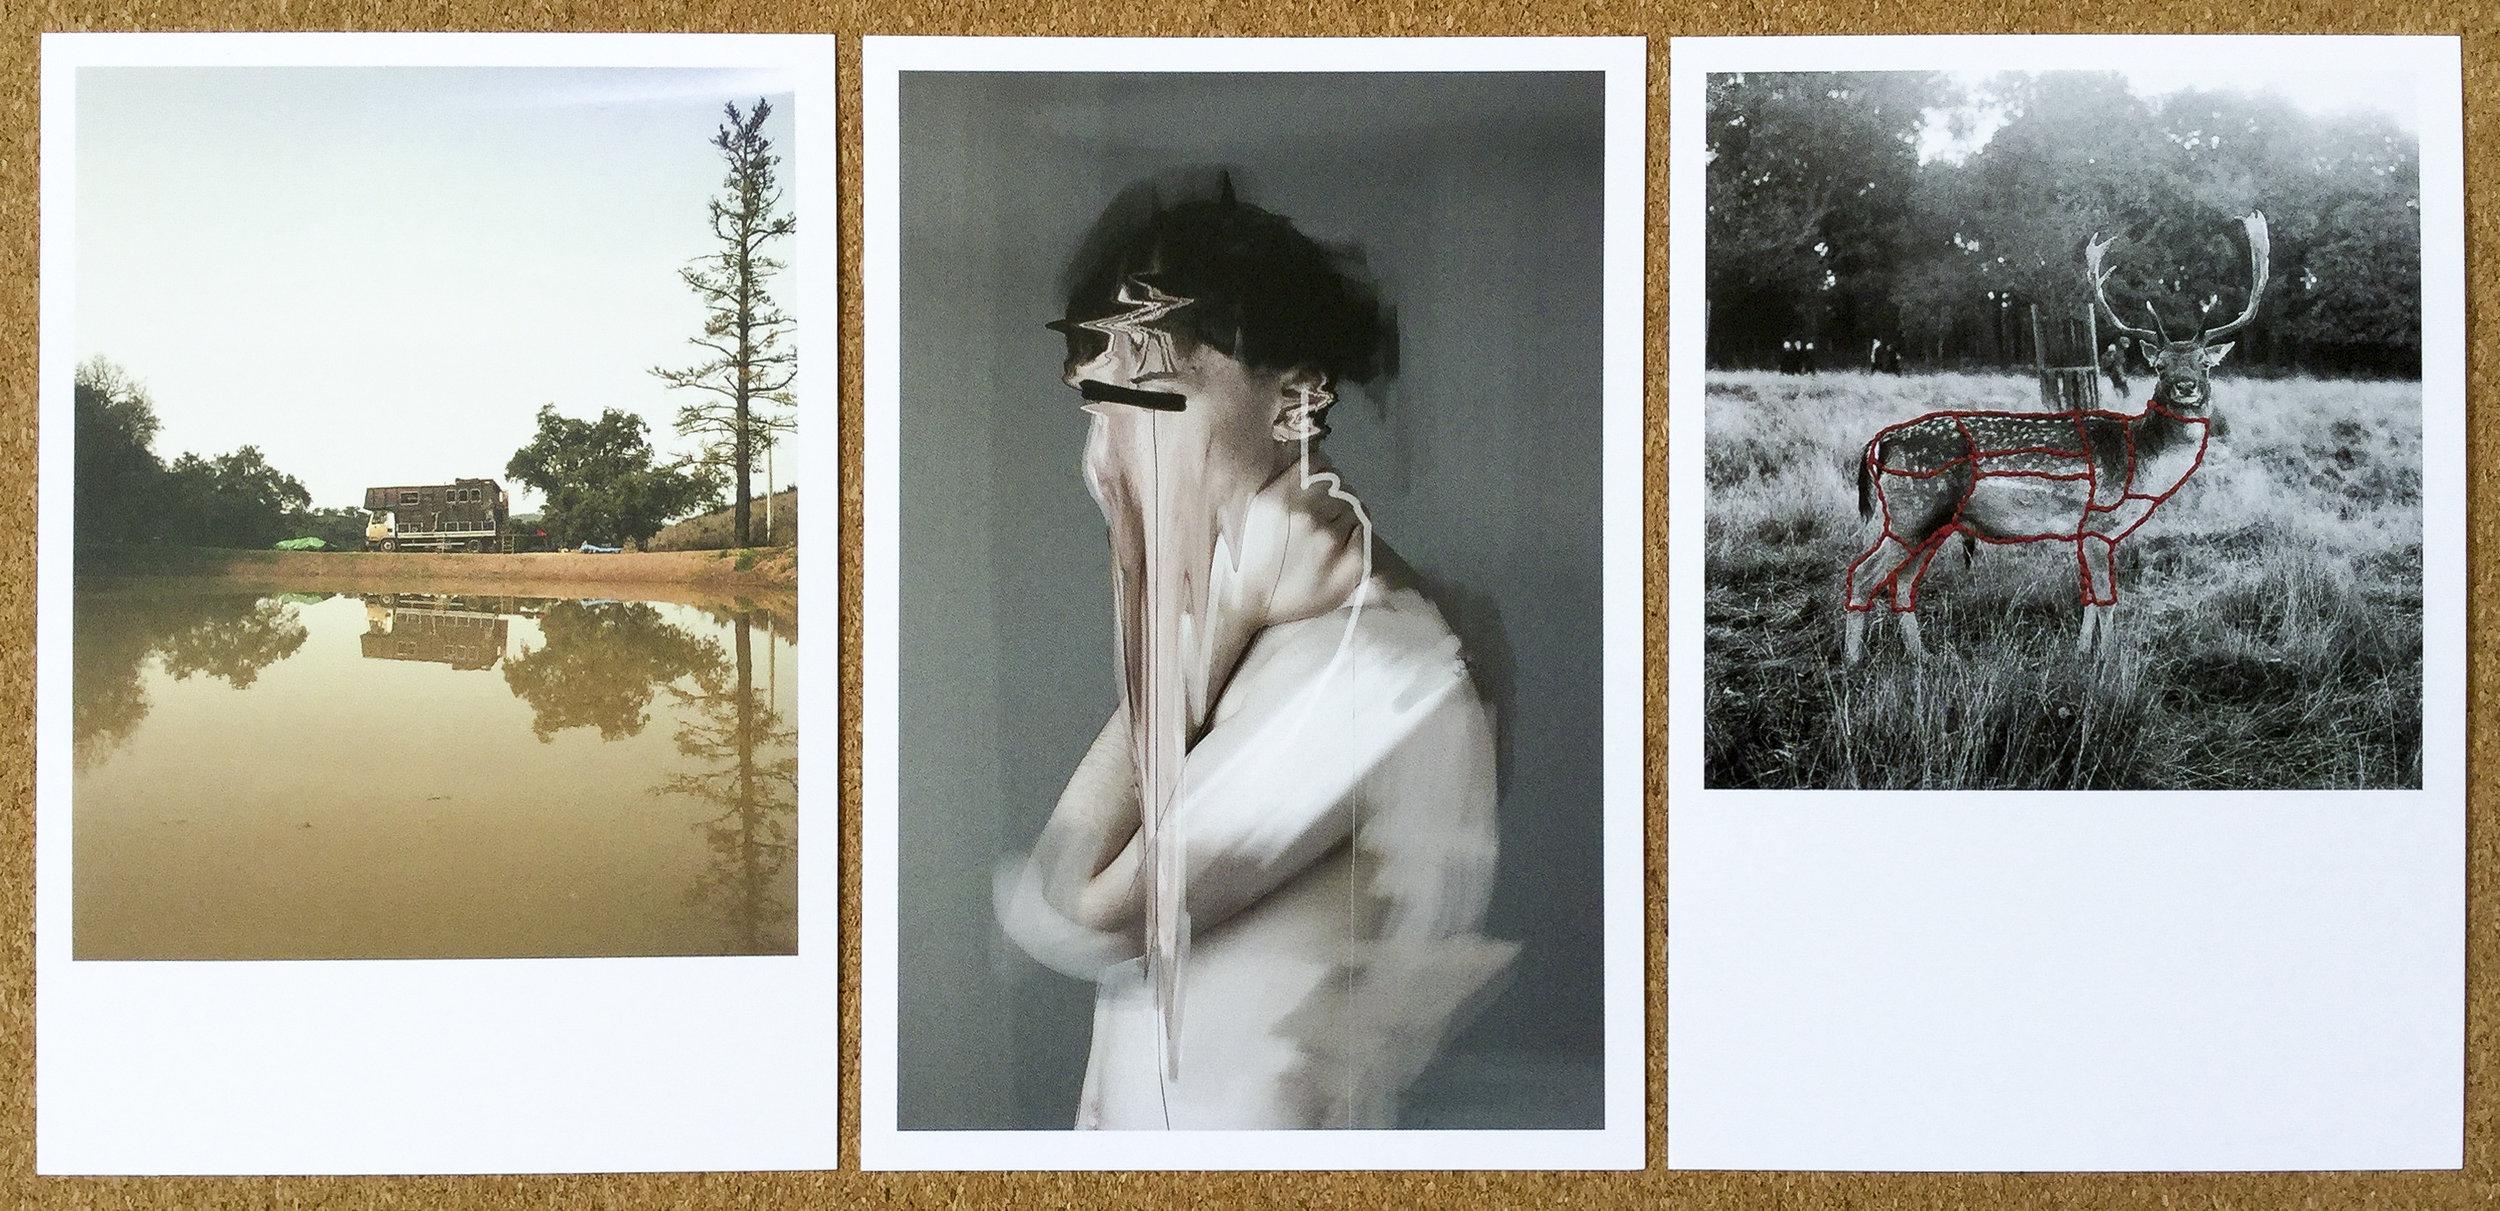 Ben Stewart , Nomad. Matthew Mottram, Gaze .  Harriet Foster-Thornton , Still-Hunting .